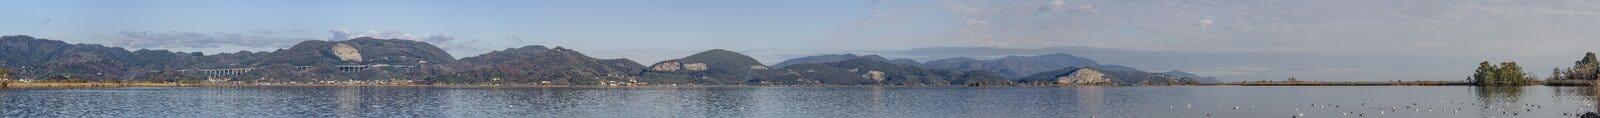 Πανοραμική άποψη της λίμνης Massaciuccoli από Torre del Lago Puccini, Lucca, Τοσκάνη, Ιταλία στοκ εικόνες